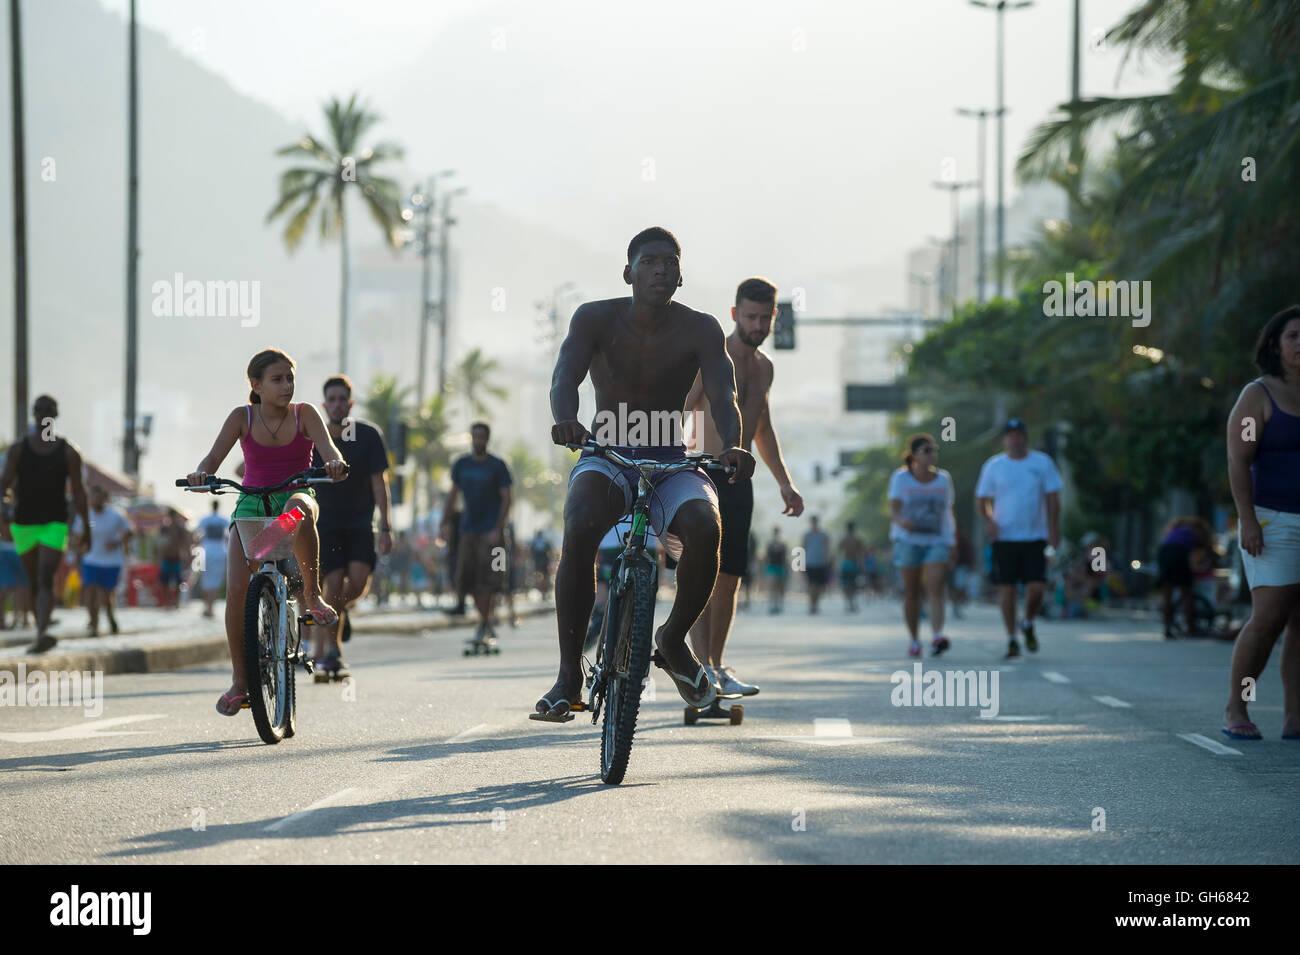 RIO DE JANEIRO - le 6 mars 2016: Les piétons, les cyclistes, les joggeurs, les patineurs et profiter Photo Stock